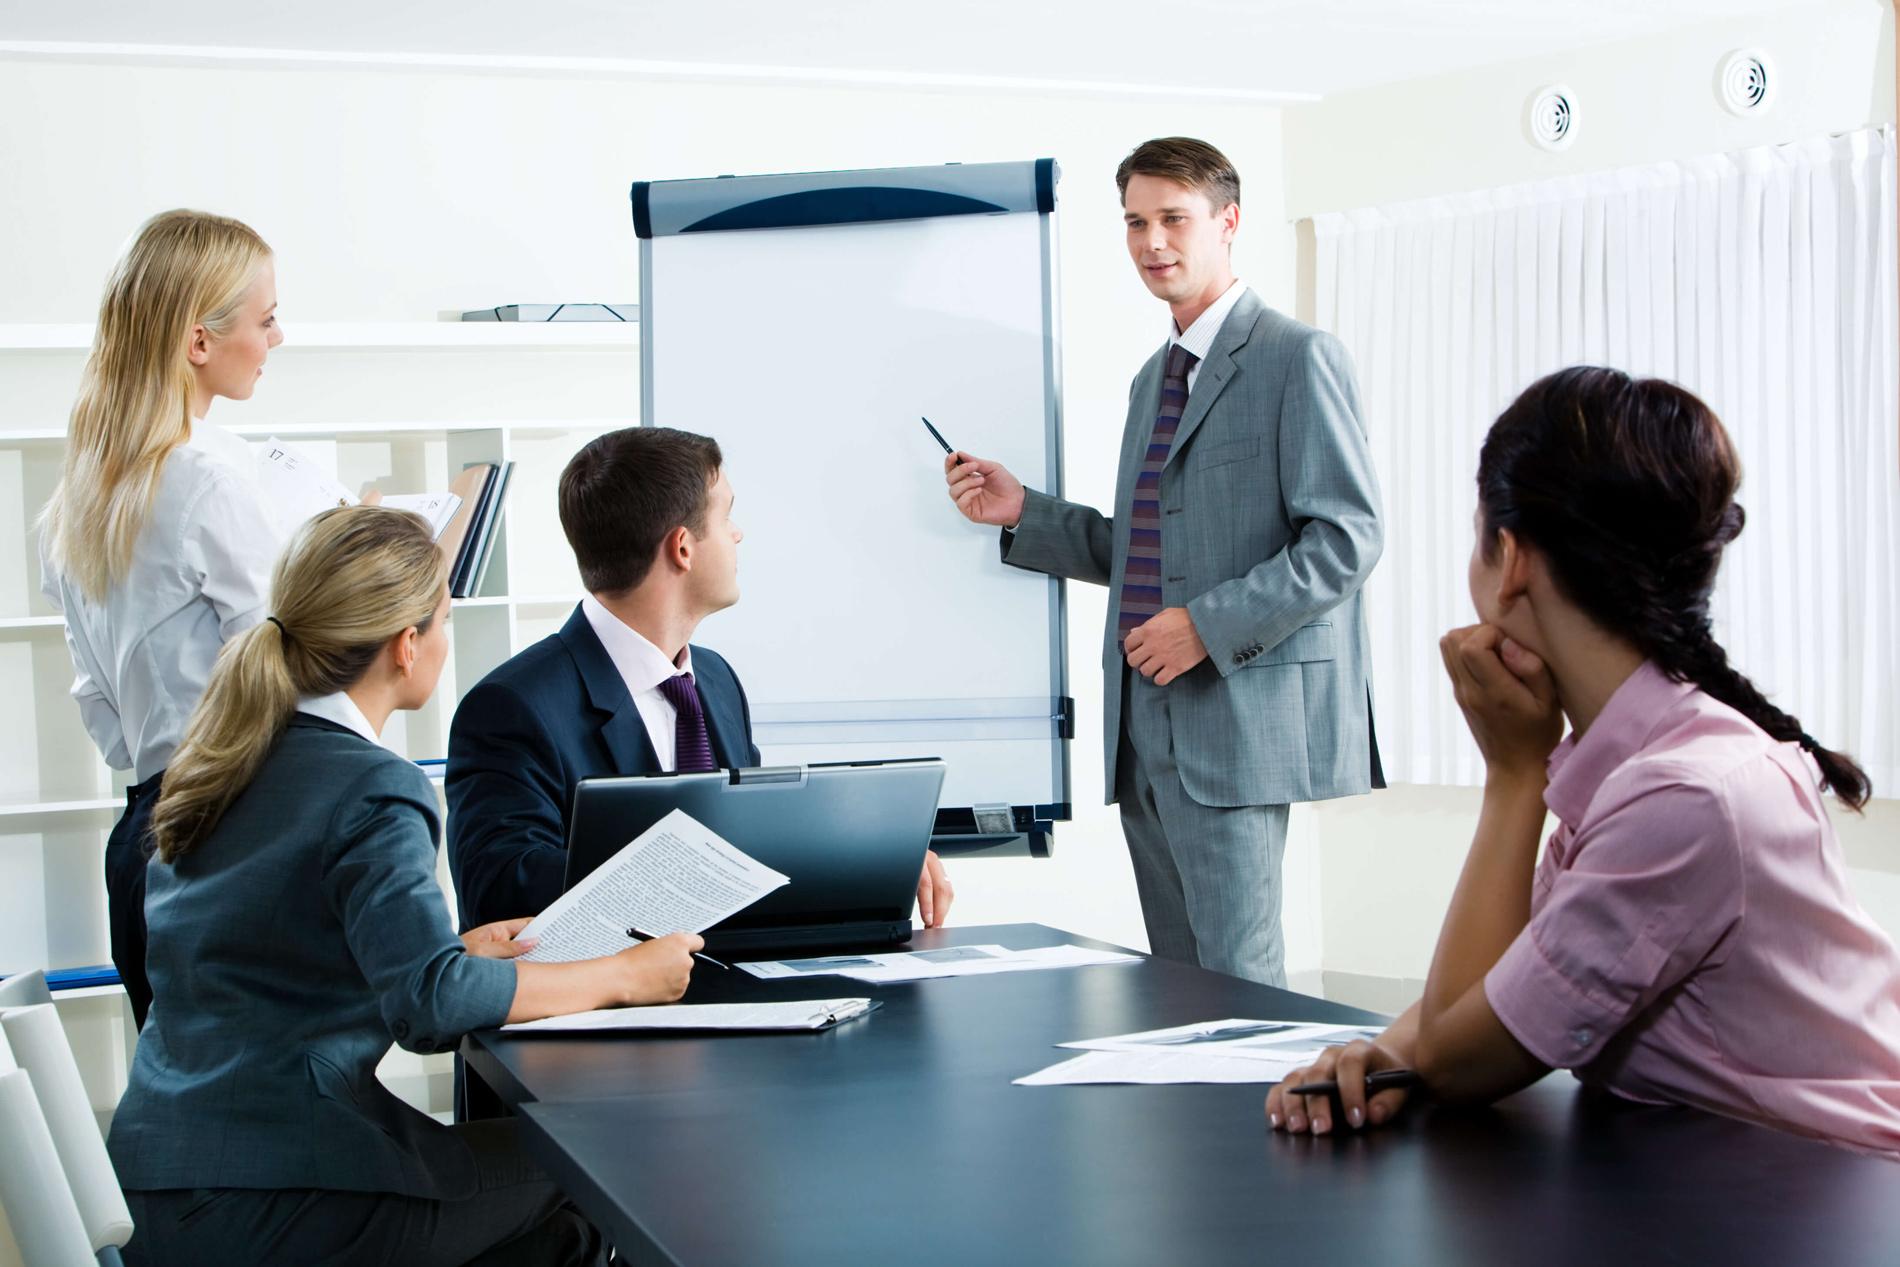 Менторство в компаниях: как и зачем внедрять | hurma